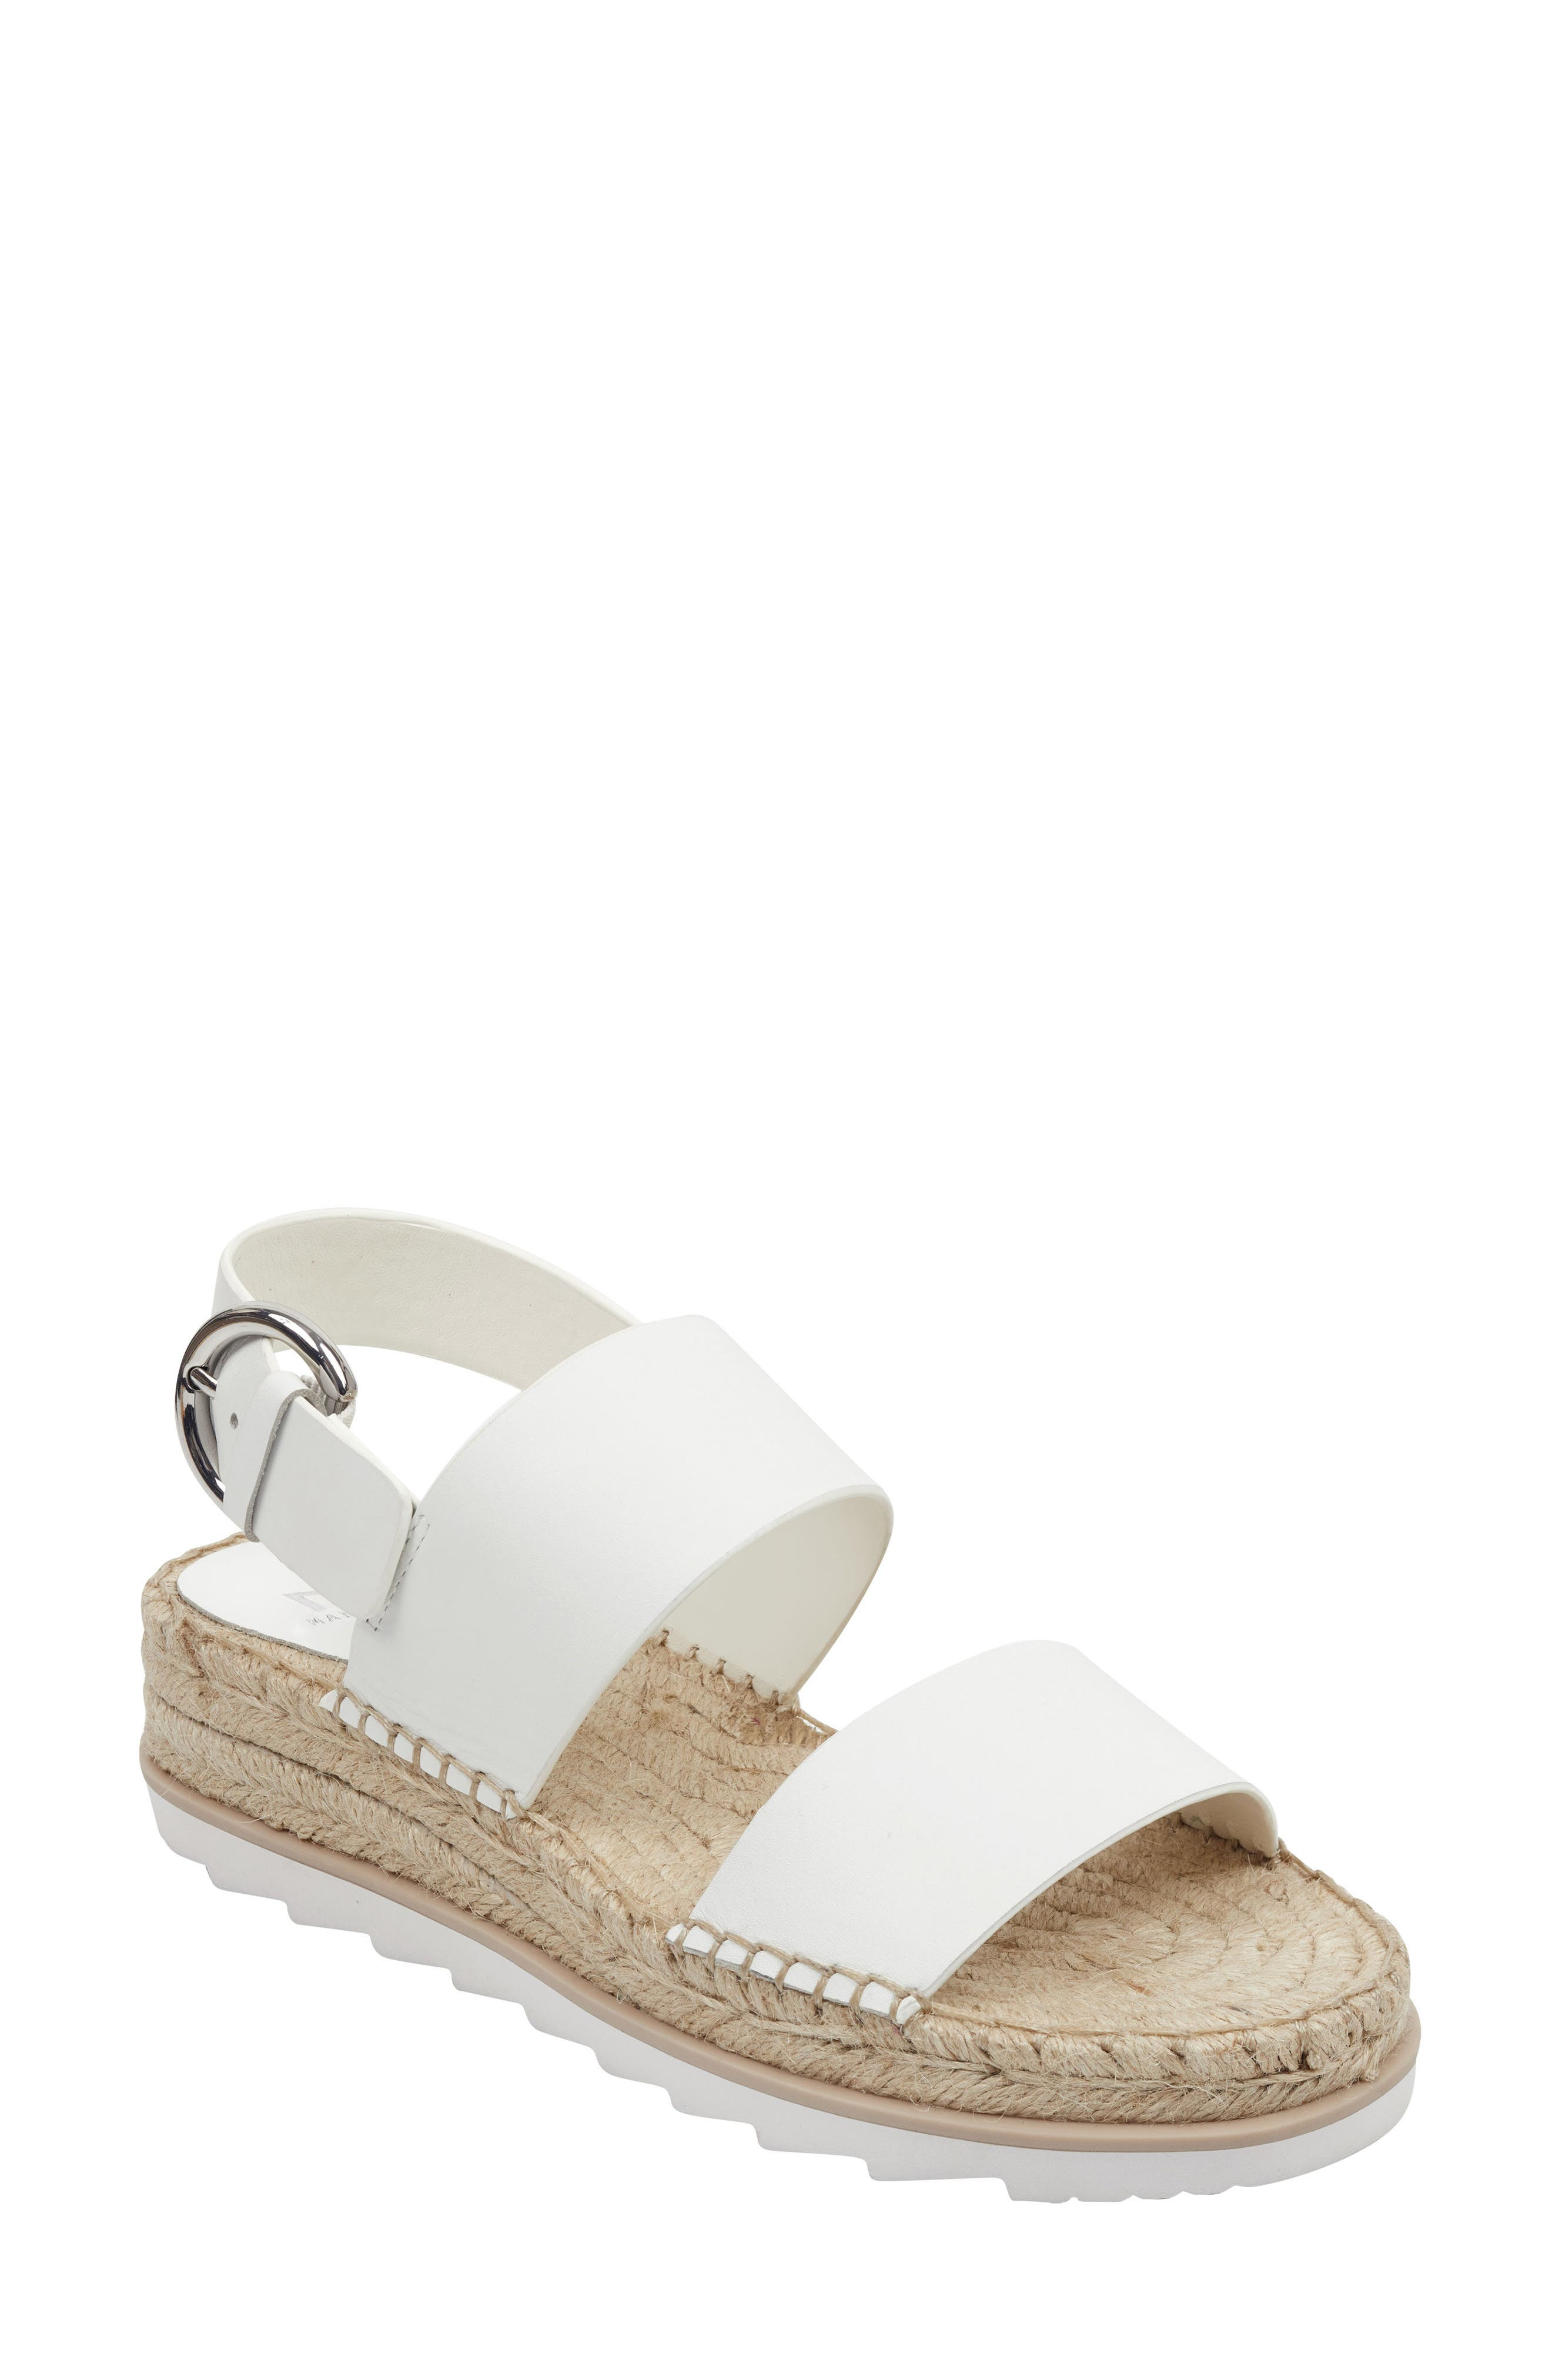 Marc Fisher Ltd Phebe 2 Espadrille Sandal- White